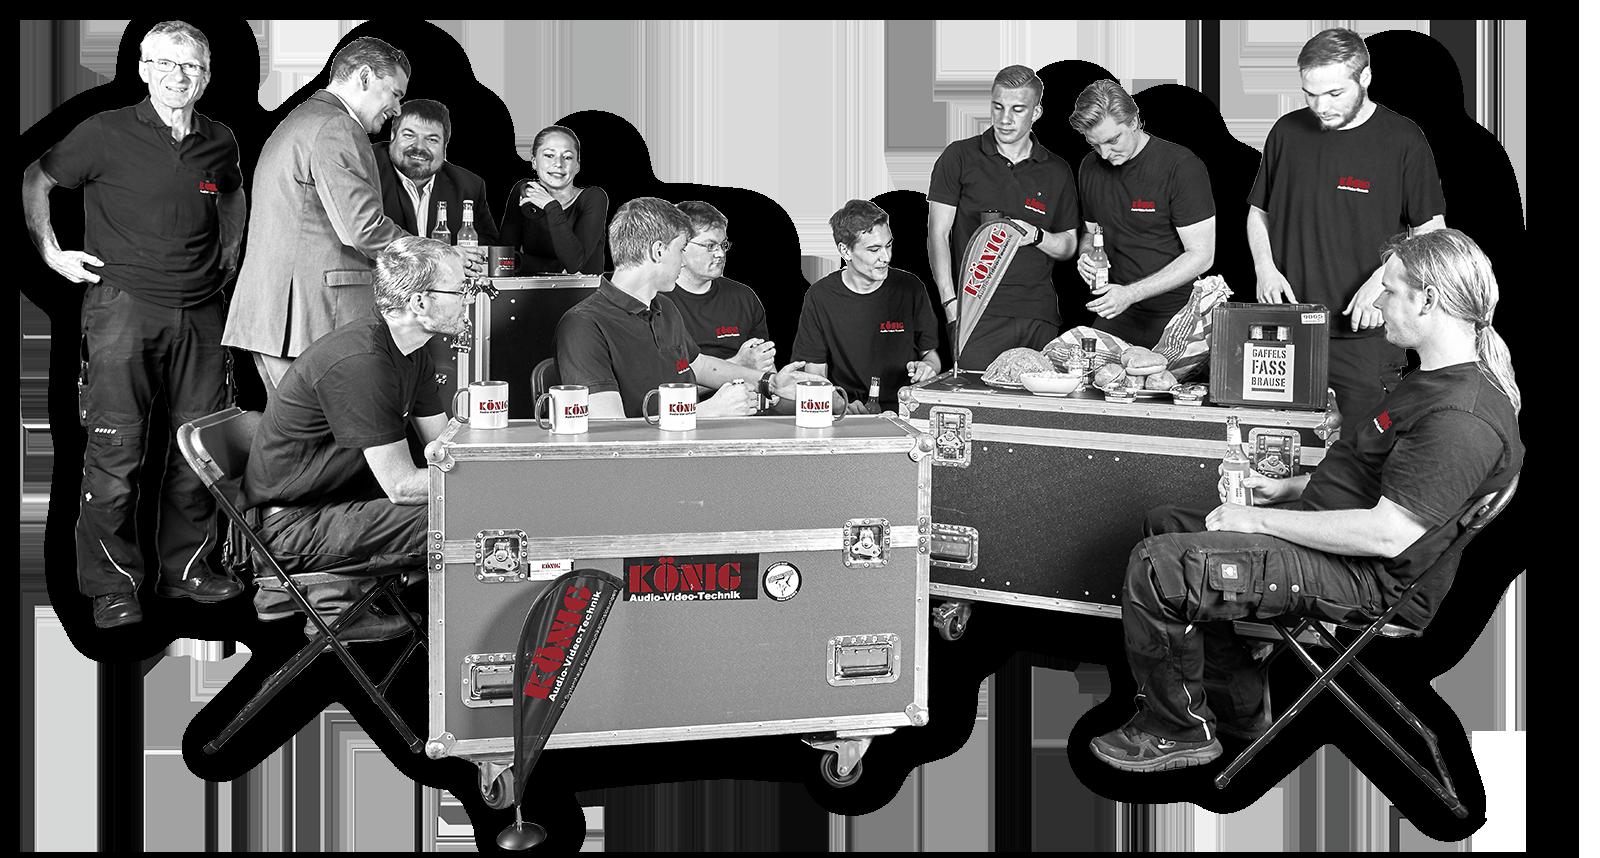 Team KÖNIG Audio-Video-Technik